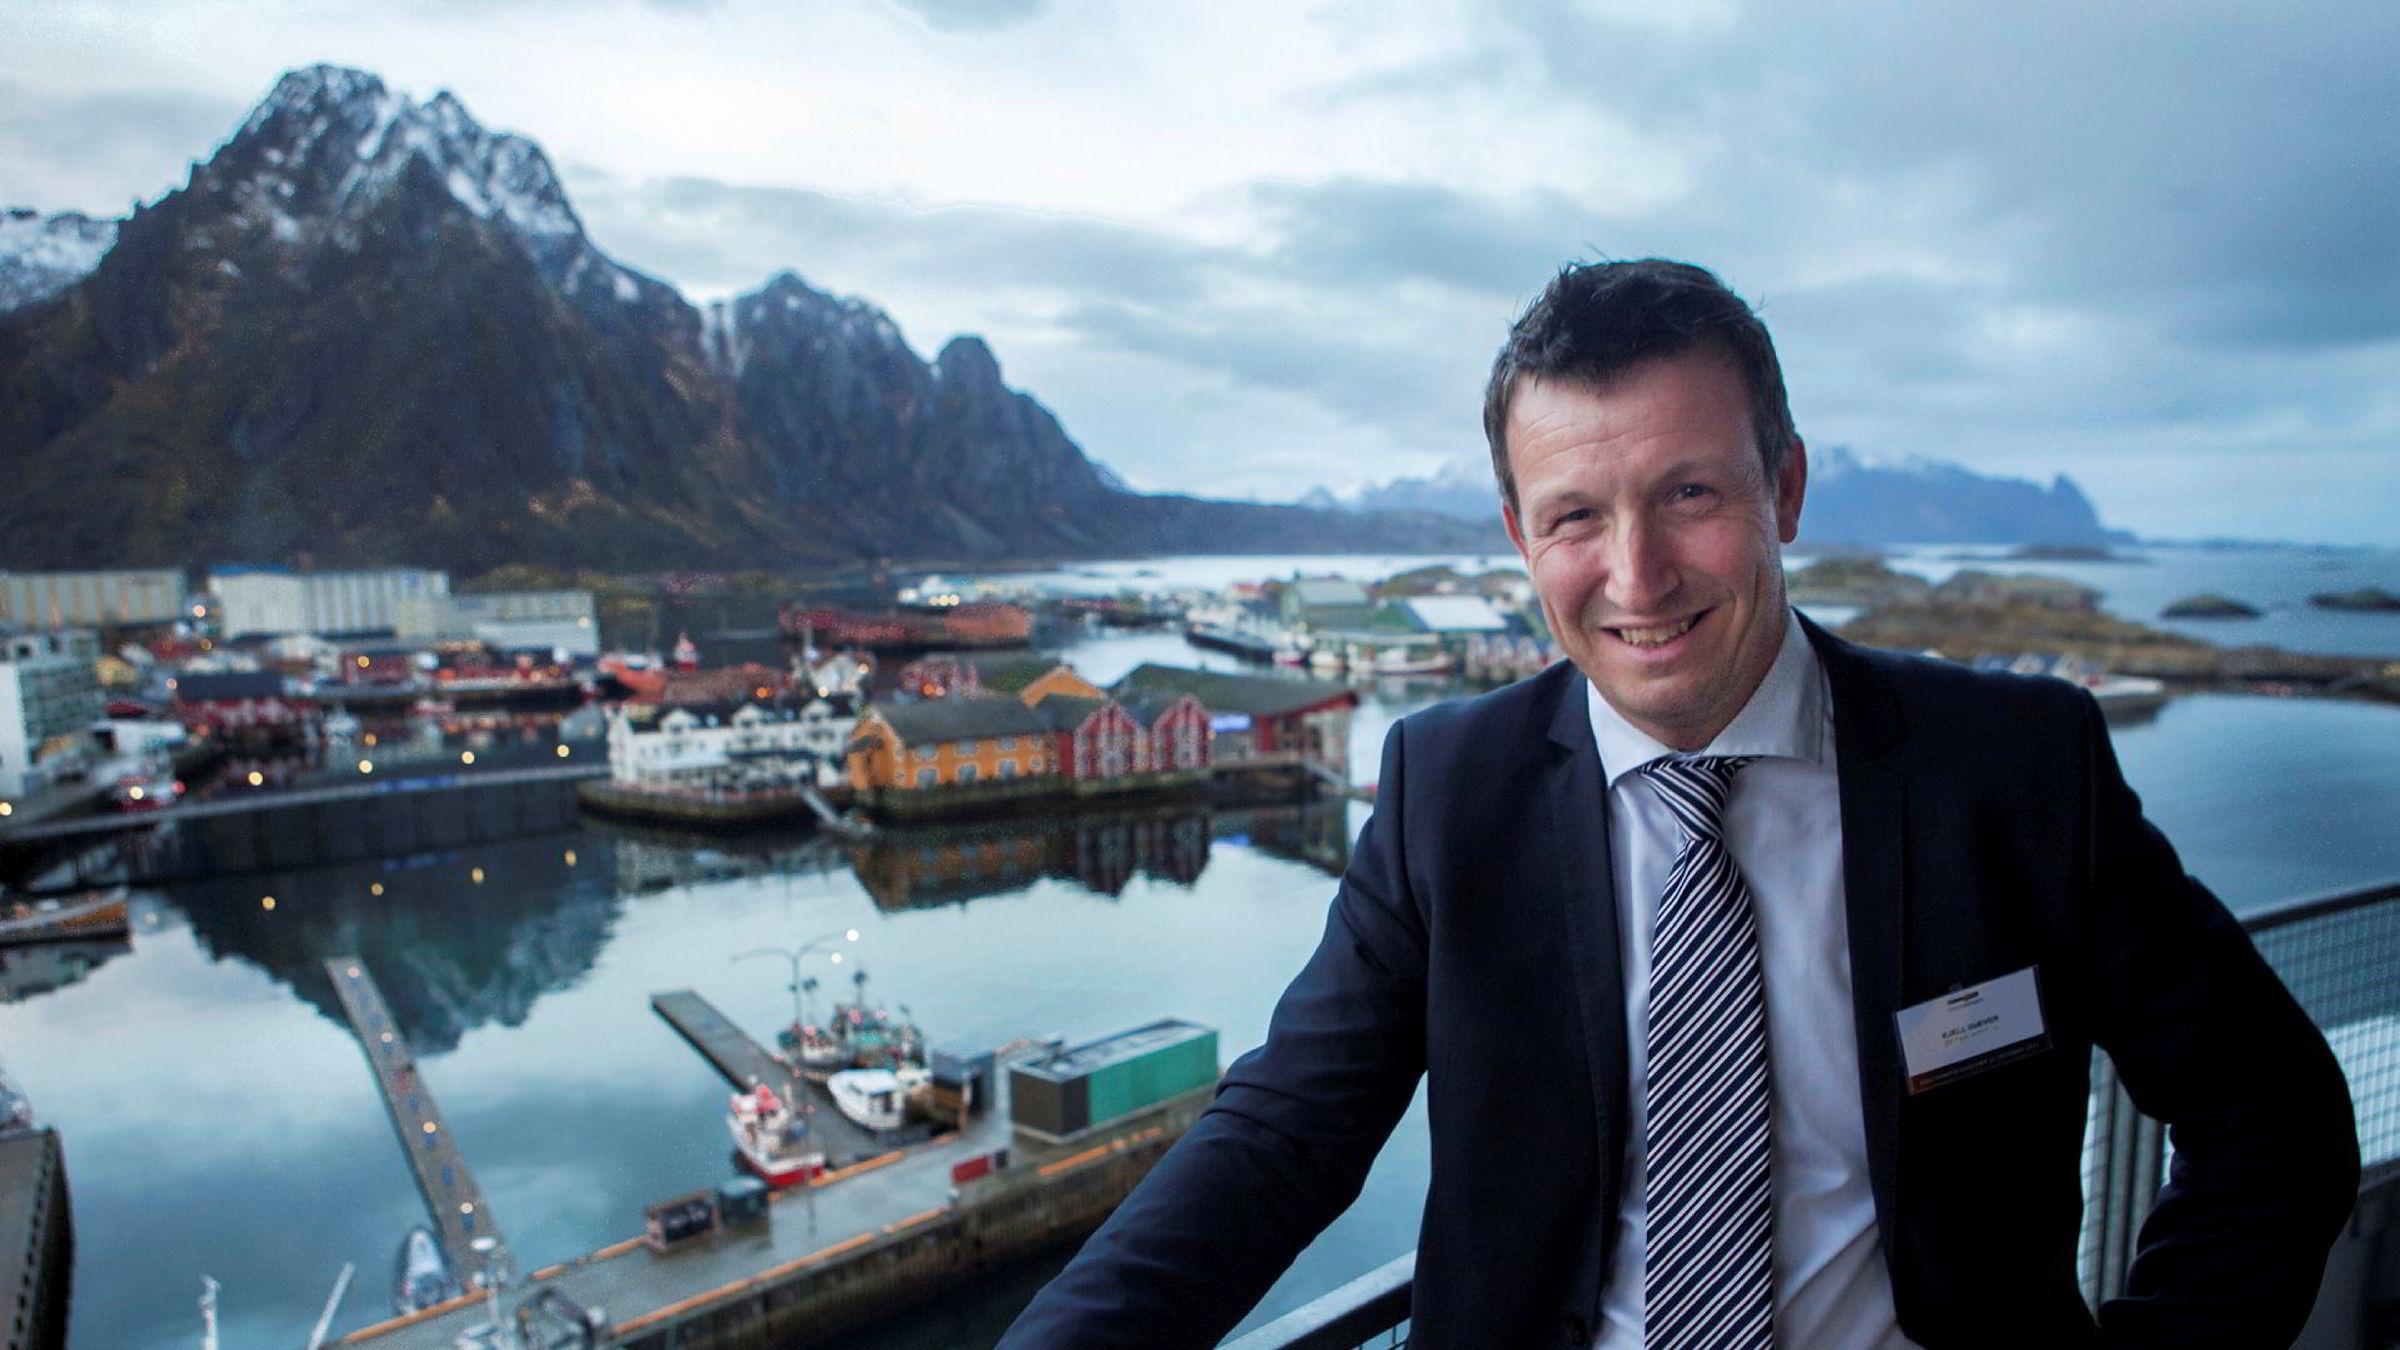 Administrerende direktør Kjell Giæver i den nordnorske leverandørsammenslutningen Petro Arctic spår at det kan bli 3000 nye arbeidsplasser i oljenæringen i nord i løpet av de neste ti årene. Foto: Jan-Morten Bjørnbakk / NTB scanpix